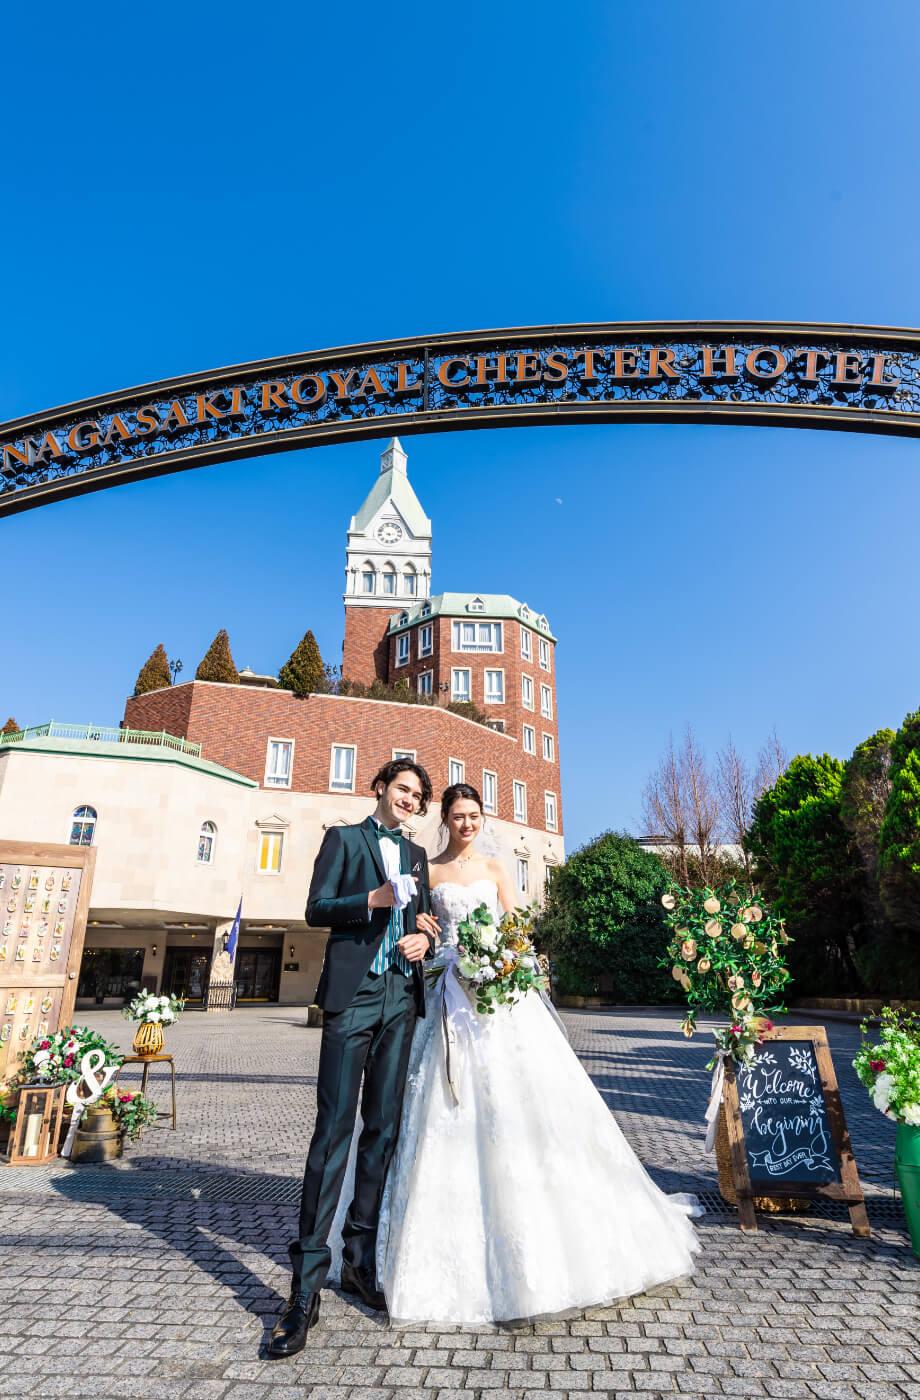 本格大聖堂結婚式 セントロイヤルチャーチ 外観